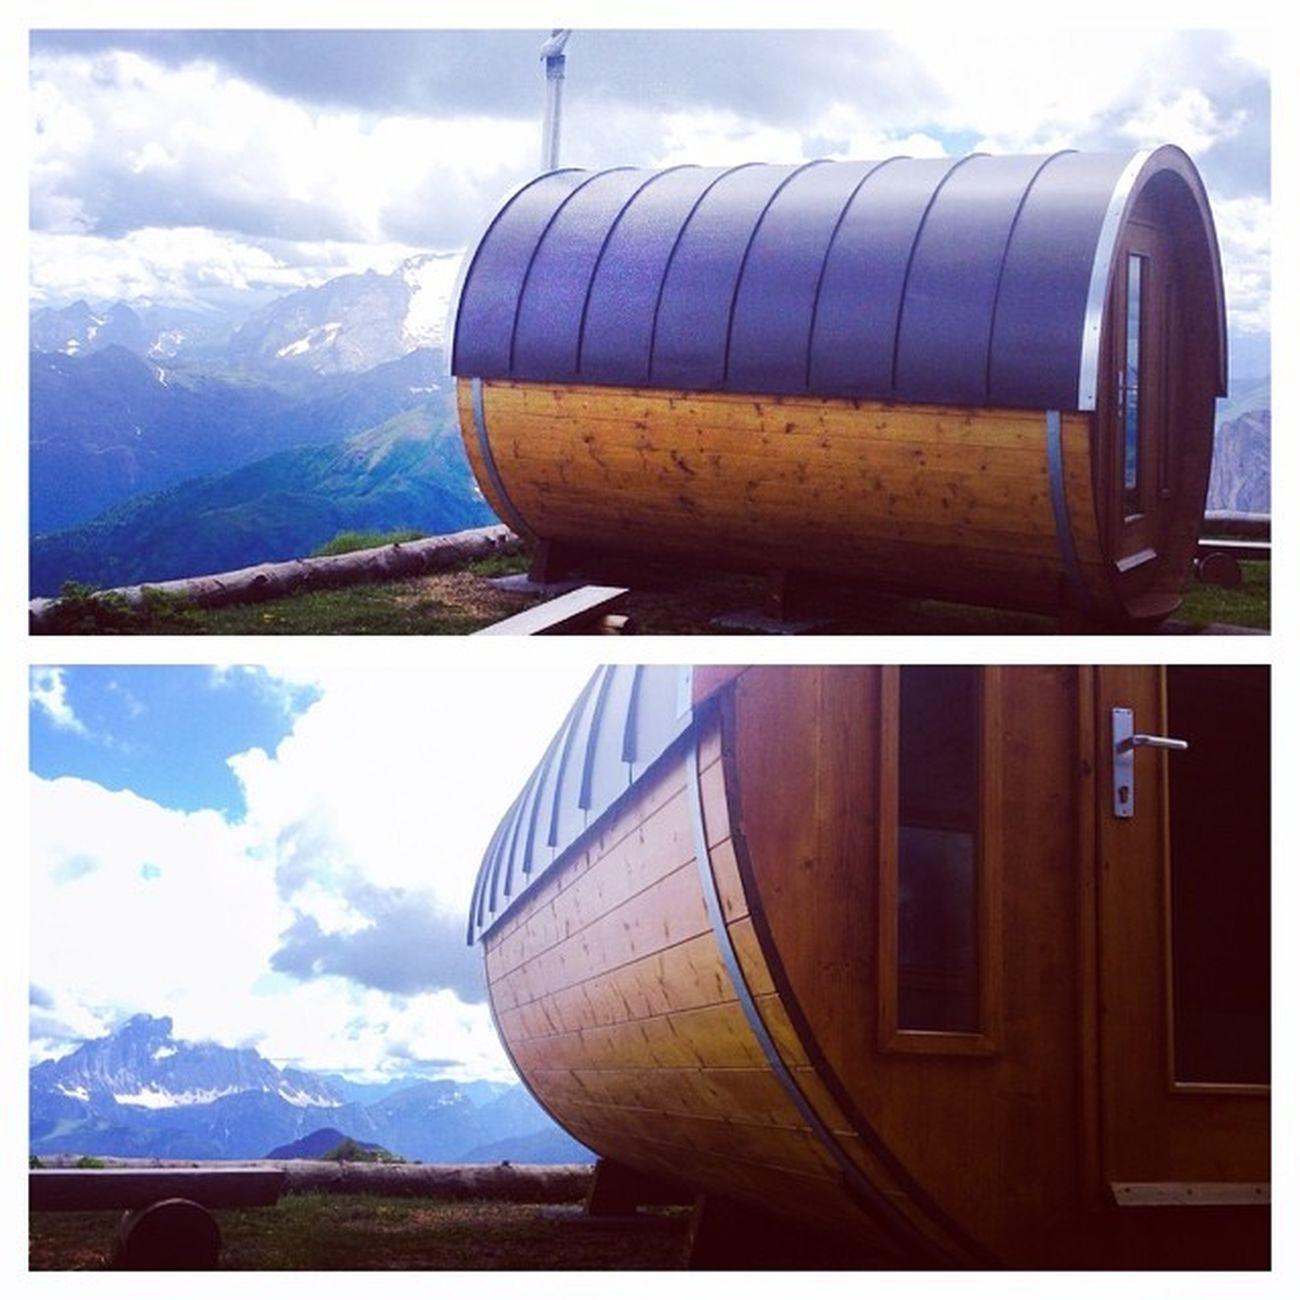 La #sauna più in quota di tutte le #dolomiti è al #lagazuoi! Aperta solo su richiesta #lifelessordinary #lifeisbeautiful #wellness #alps #alpi #iphonography #instalife #webstapick #meshpics